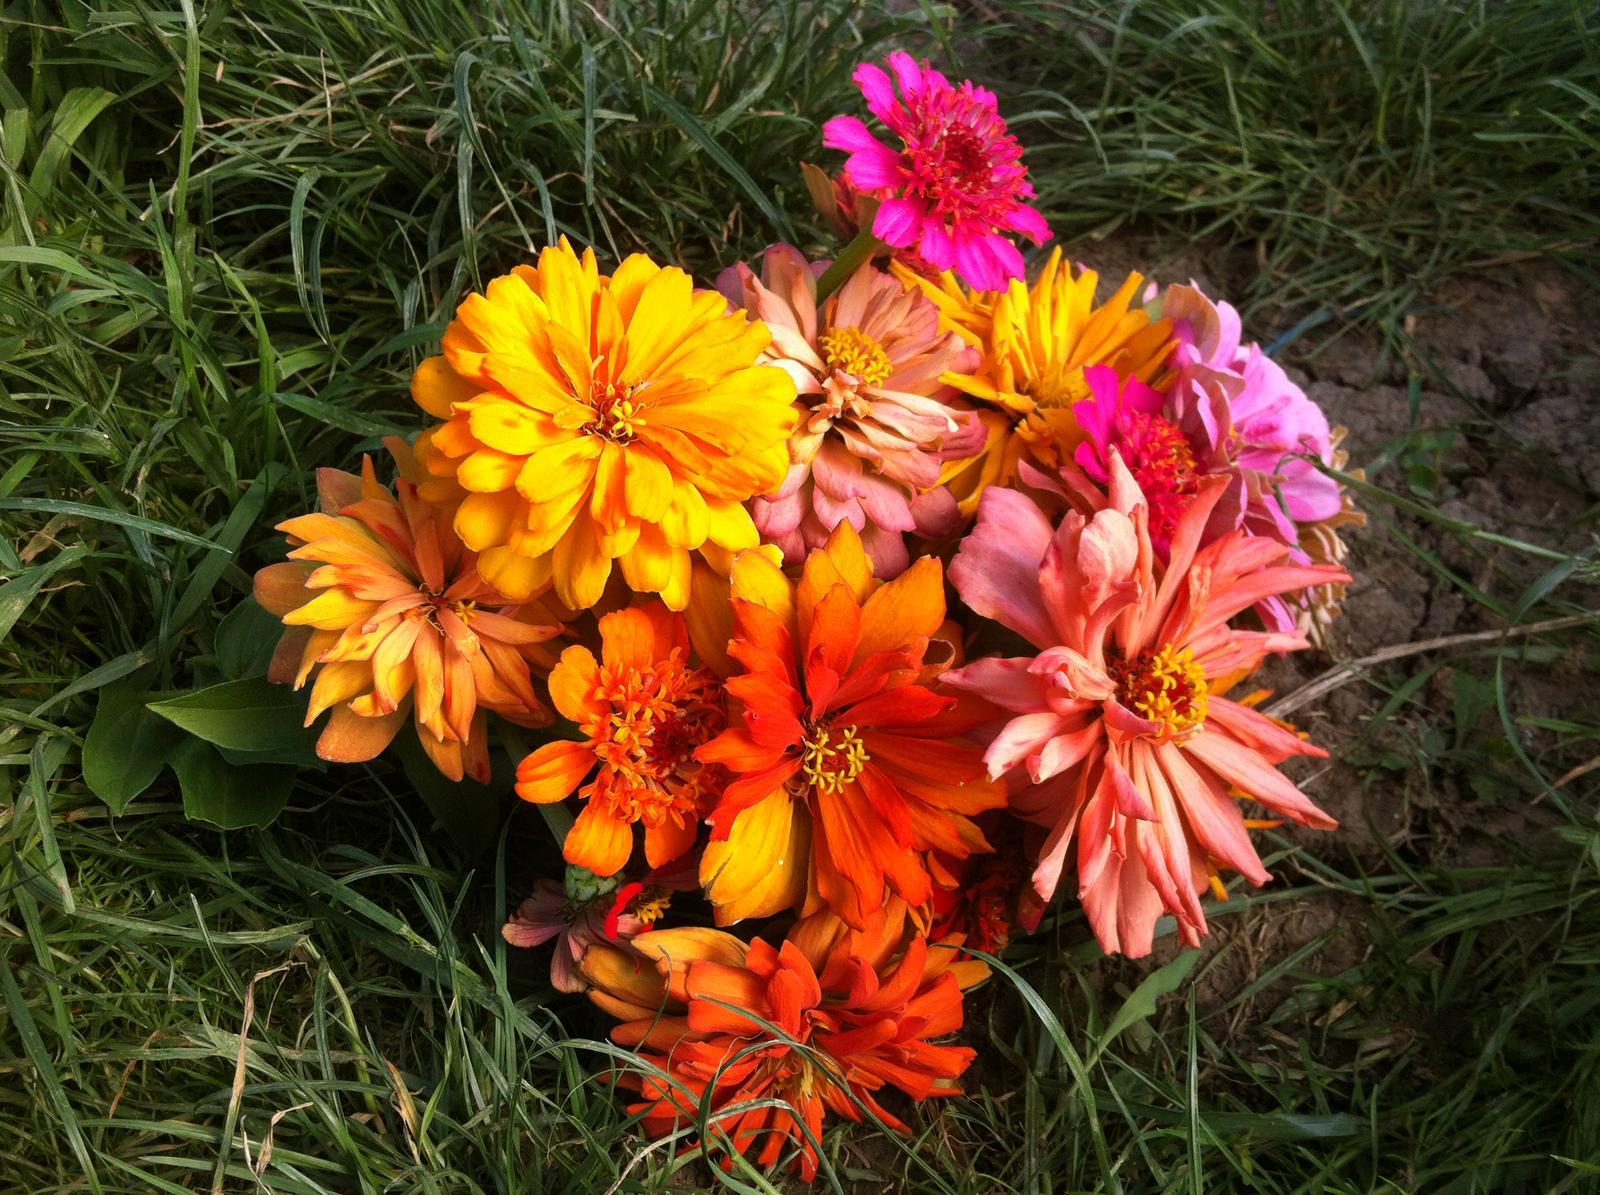 Vo víre kvetov... - Prvá kytička cínií potešila. Tieto kvietky išli na likvidáciu, pretože potrebujem, aby sa rastlinky začali rozvetvovať, preto som ich musela všetky odstrániť